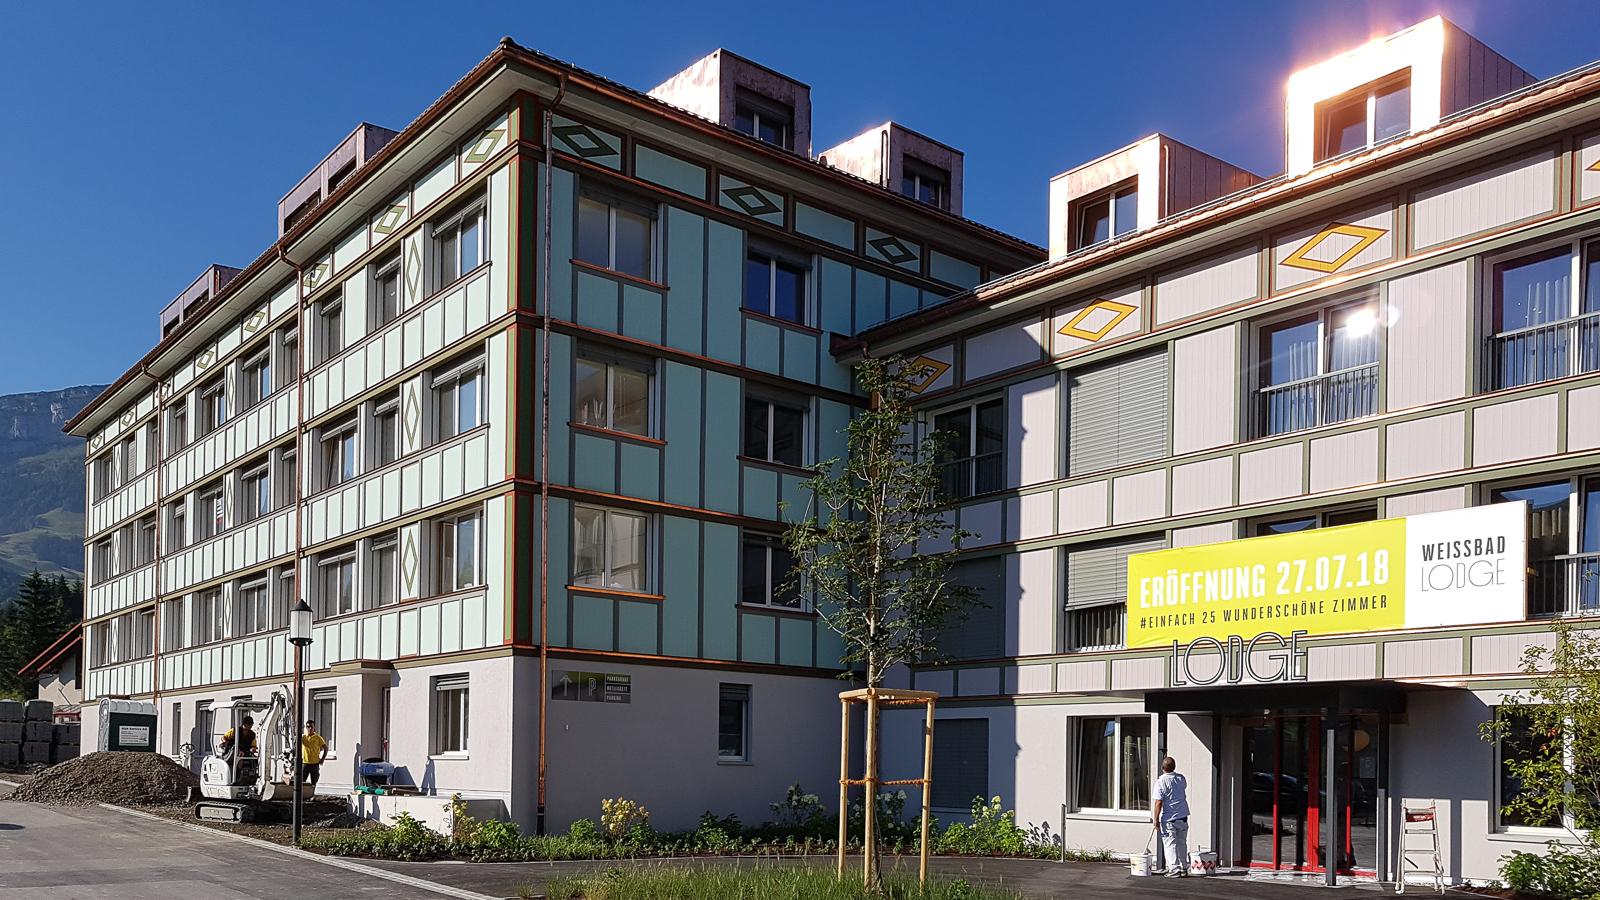 Lebensraum Schwendibach Weissbad